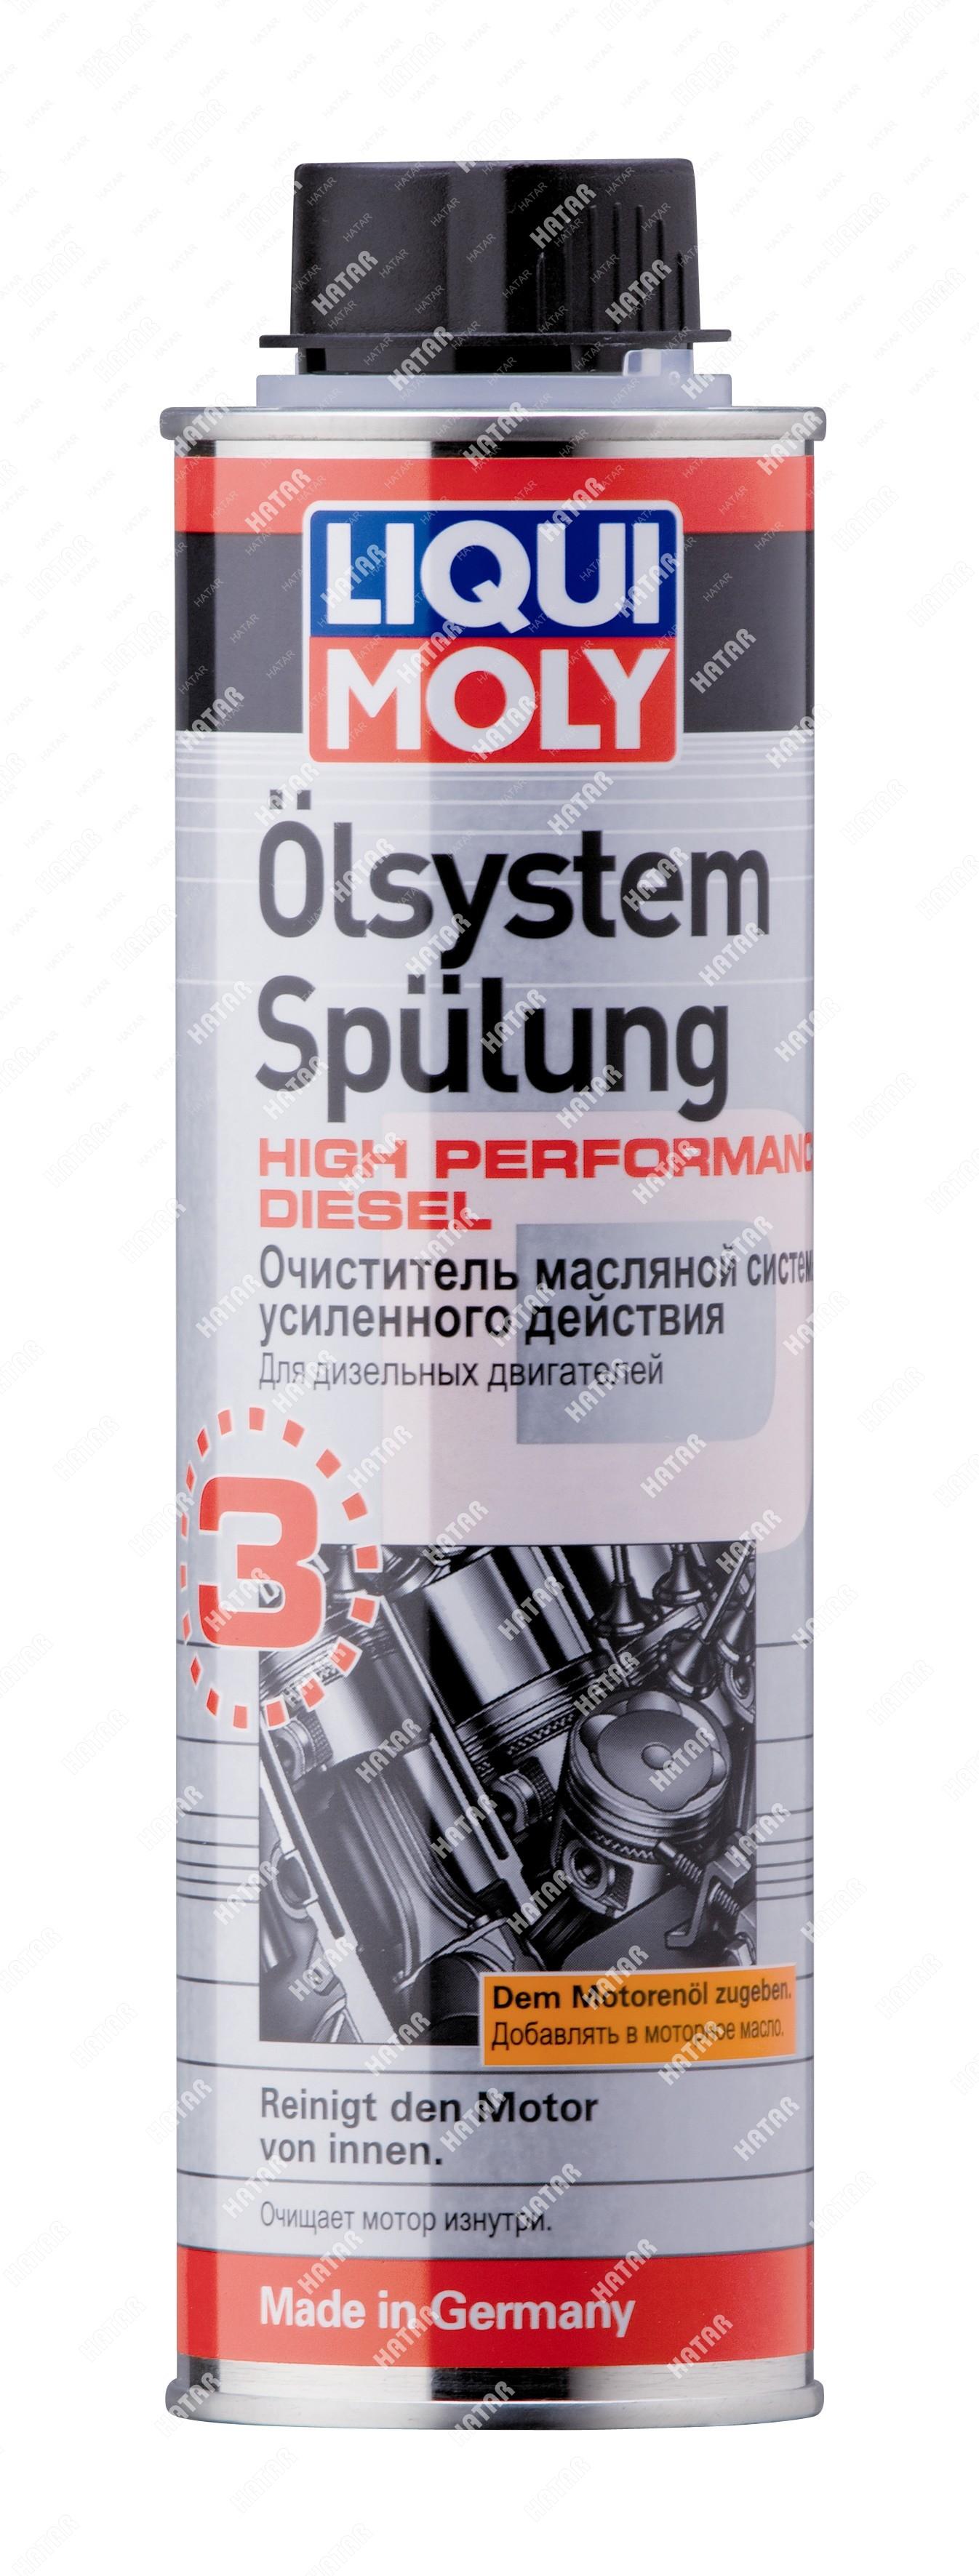 LIQUI MOLY Очиститель масляной системы дизельных двигателей oilsystem spulung h.p.